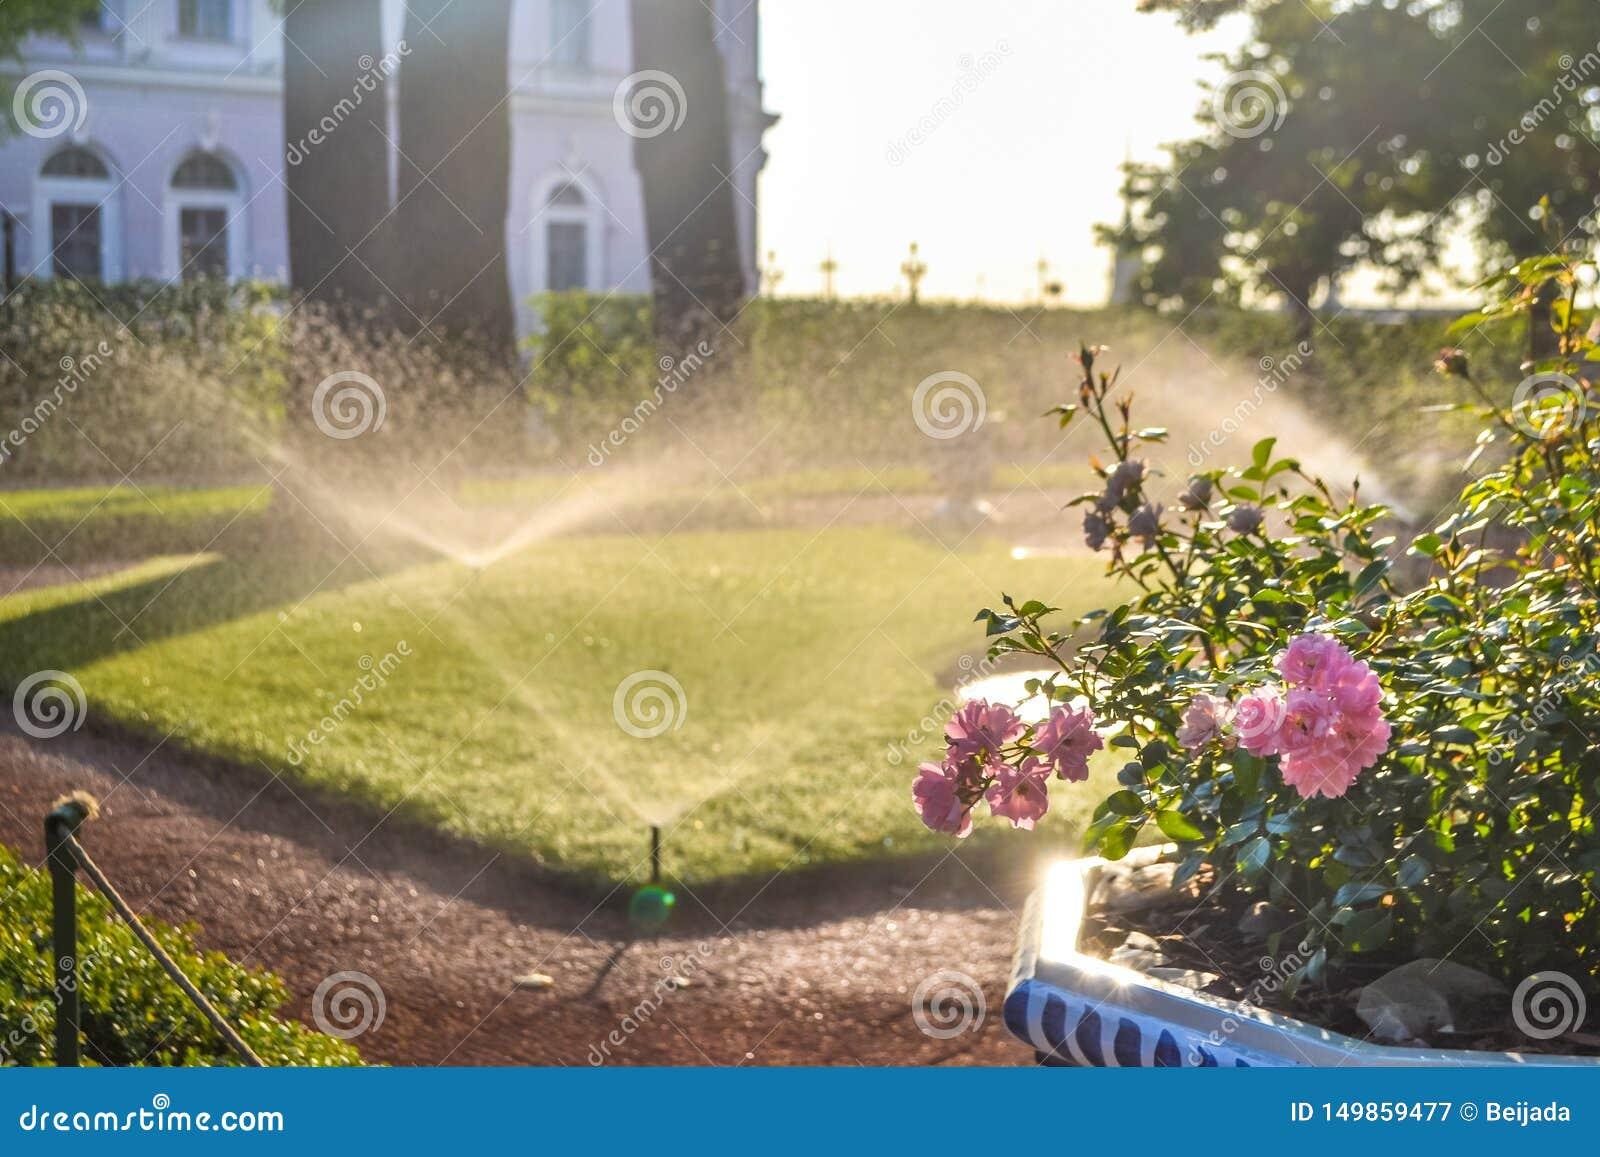 Ηλιόλουστοι ψεκαστήρες ημέρας και άρδευσης στο θερινό κήπο, Αγία Πετρούπολη